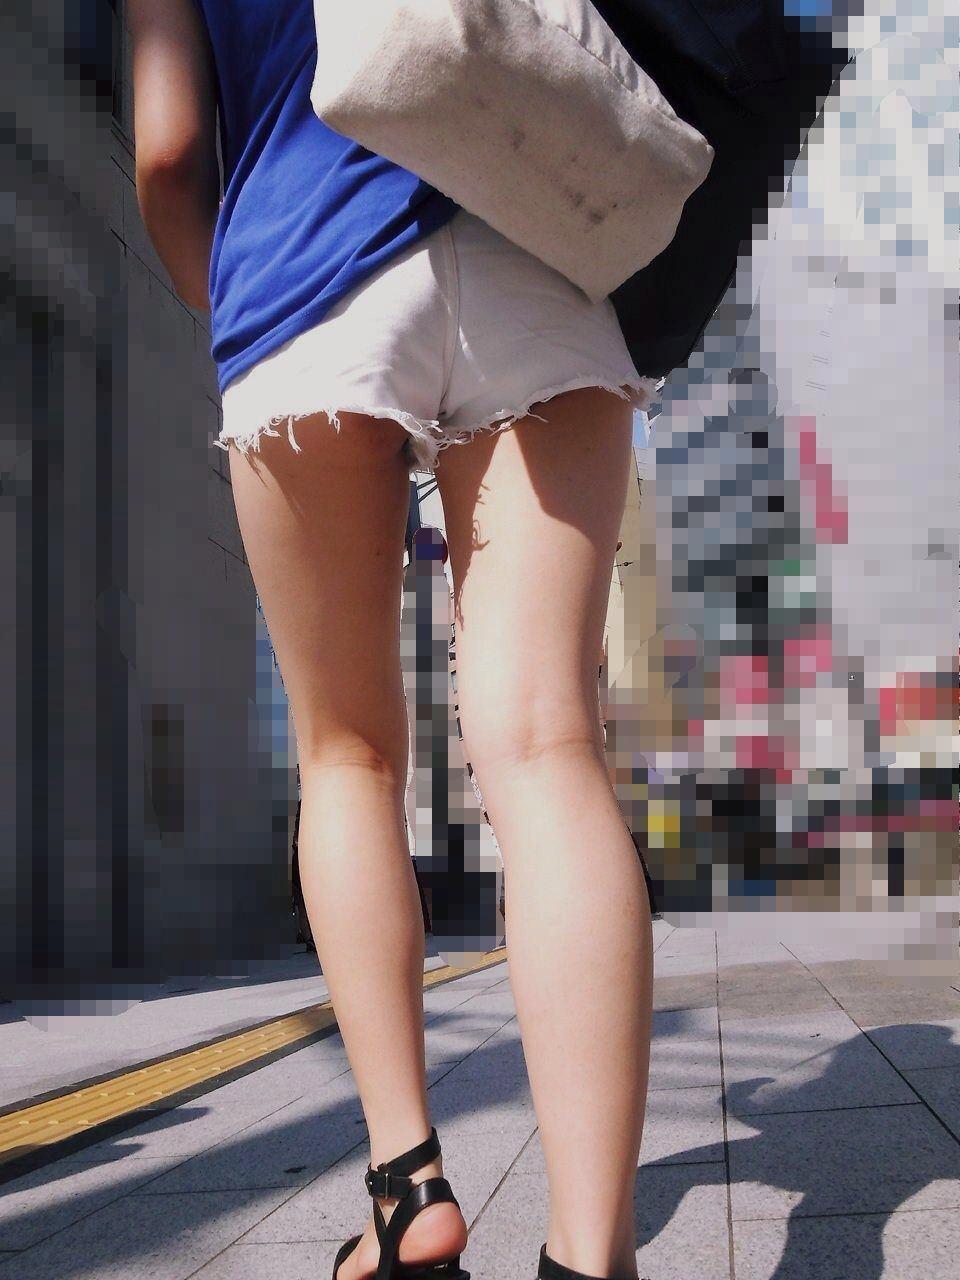 【ショーパンエロ画像】ミニよりも美脚際立つ!見逃せないショーパン女子の太ももwww 18